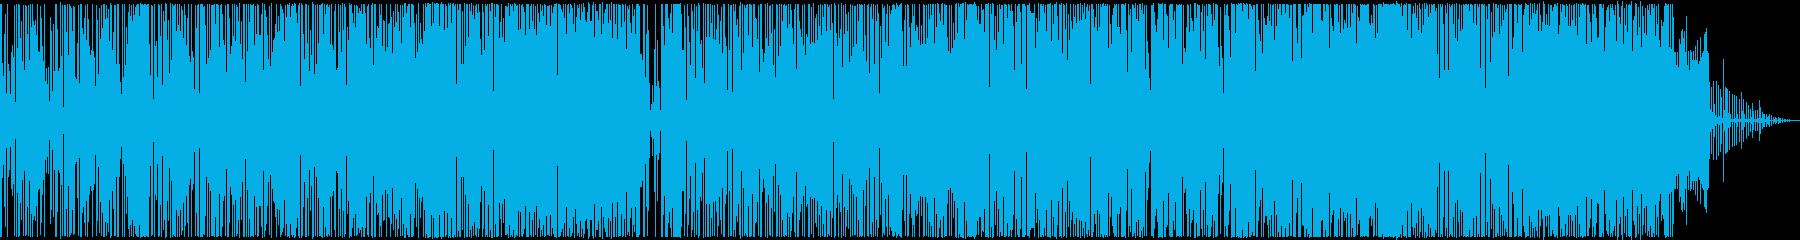 ヒップホップ風のダンスミュージック声無しの再生済みの波形